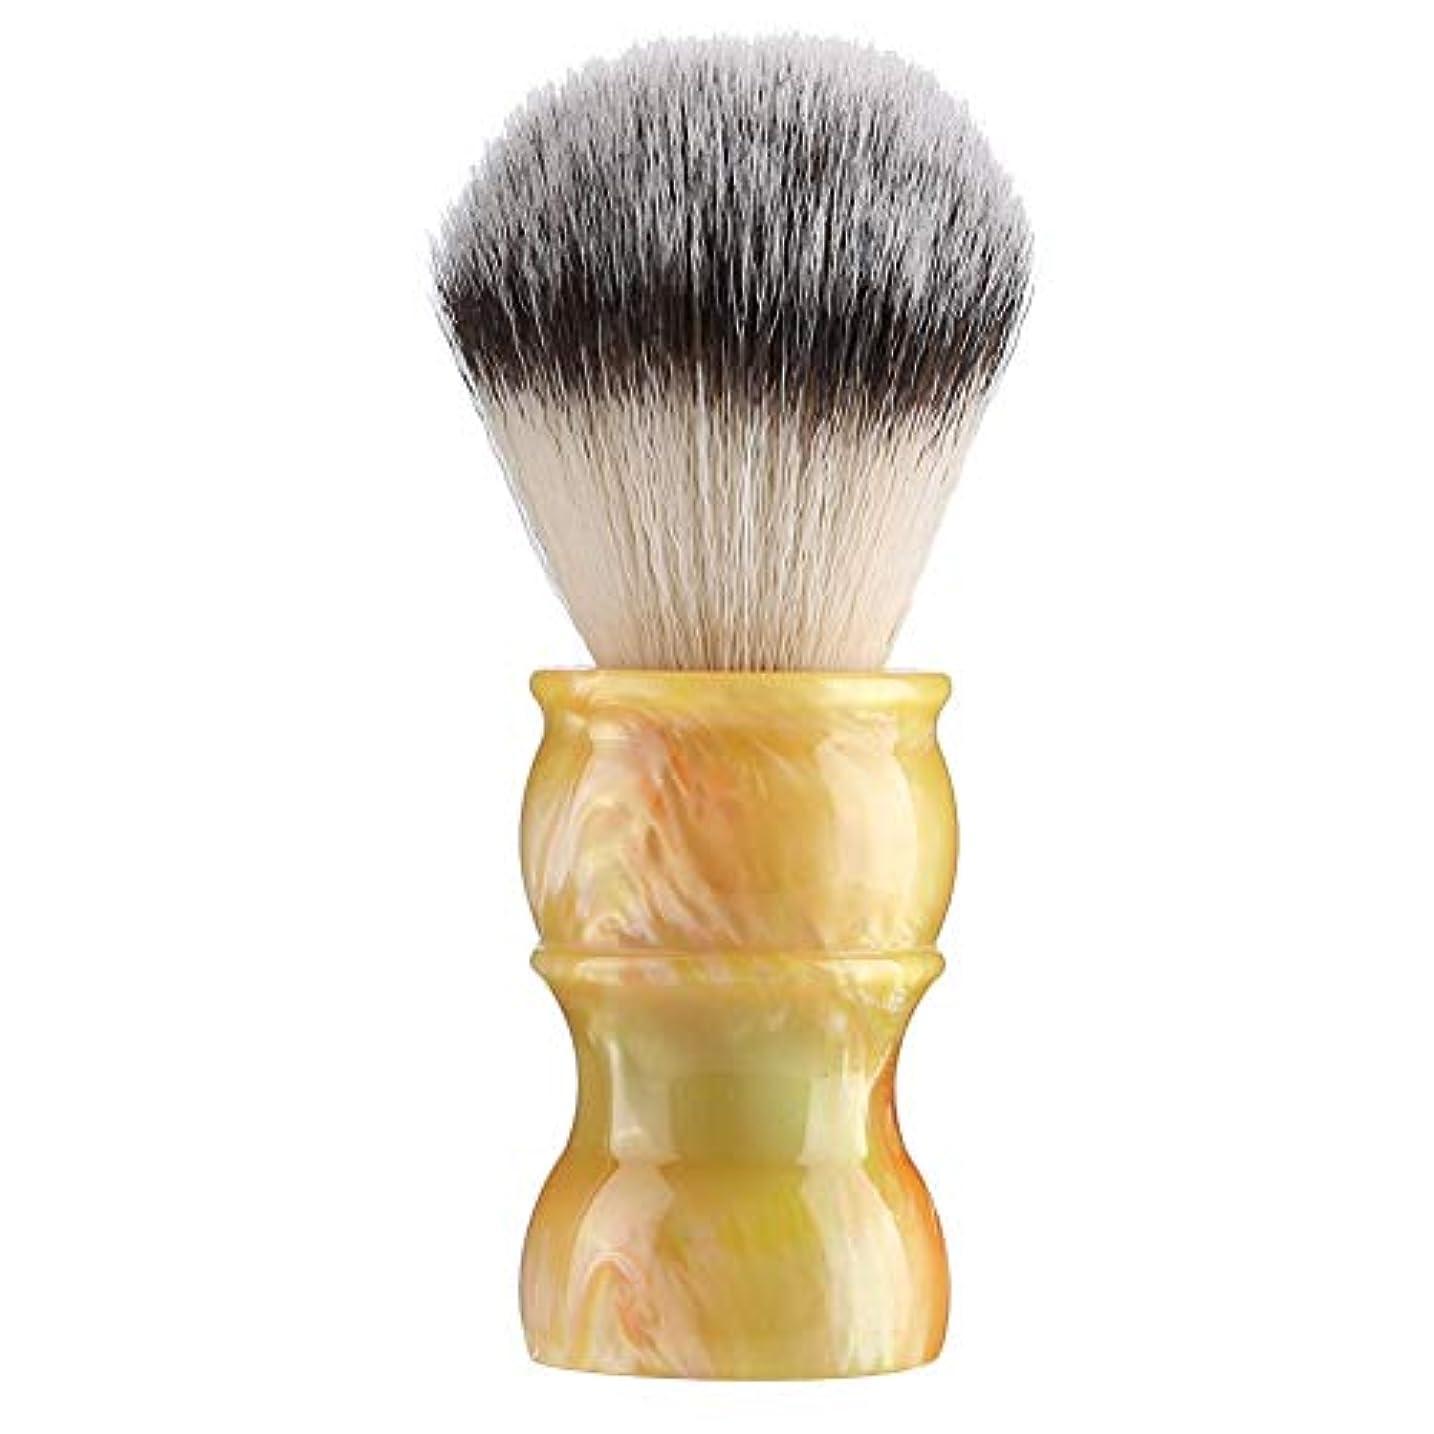 病気汚染冷蔵する専門の手動ひげの剃るブラシ、密集したナイロン毛のきれいな人の口ひげのブラシ家および旅行のための携帯用メンズひげのブラシ(#3)